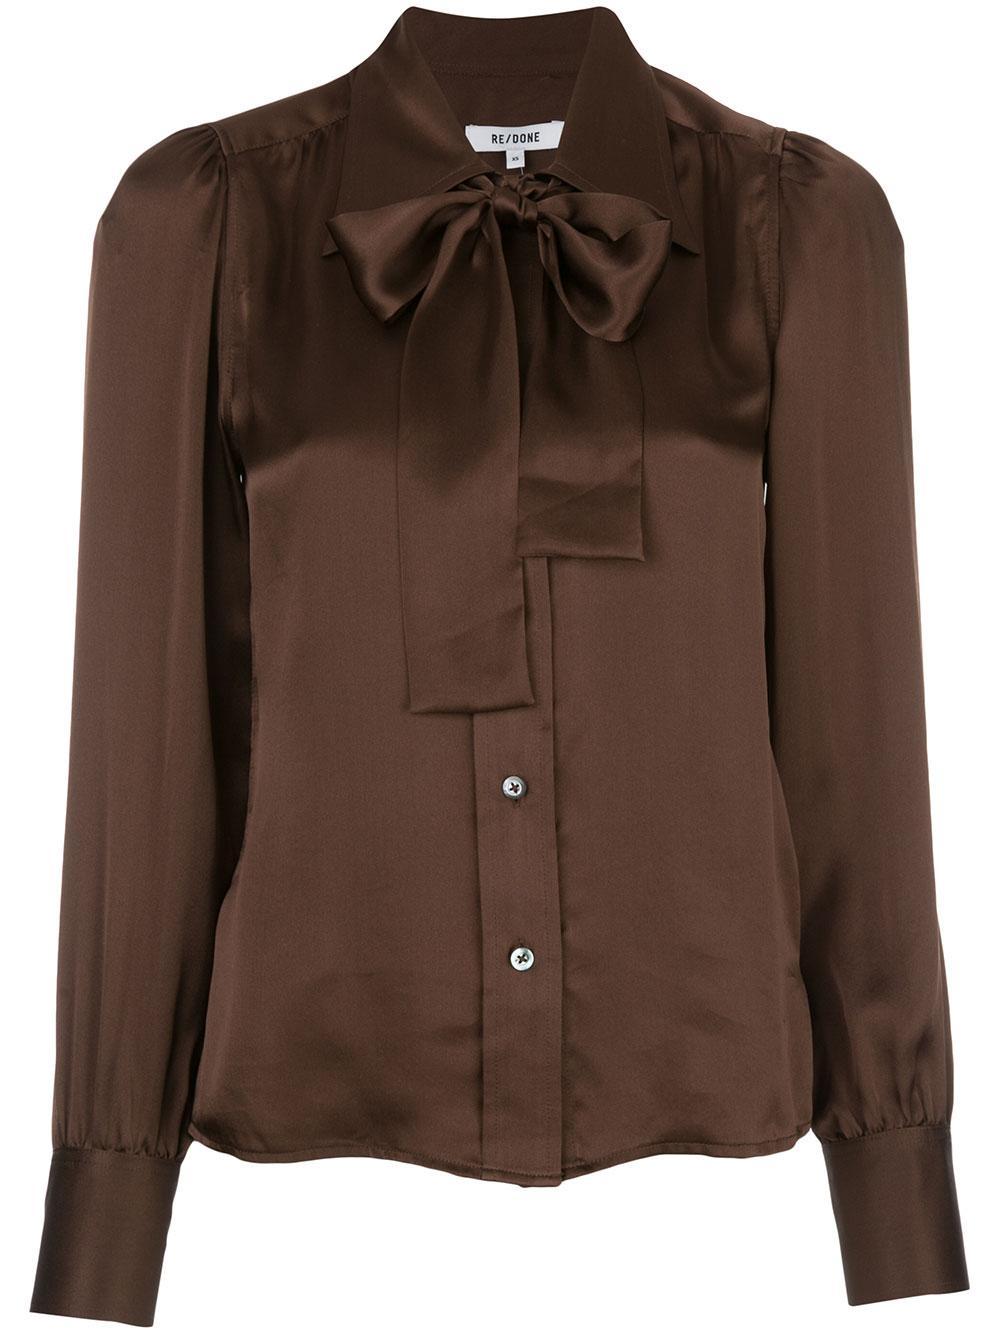 70's Buttondown Tie Neck Long Sleeve Blouse Item # 326-1W7BL